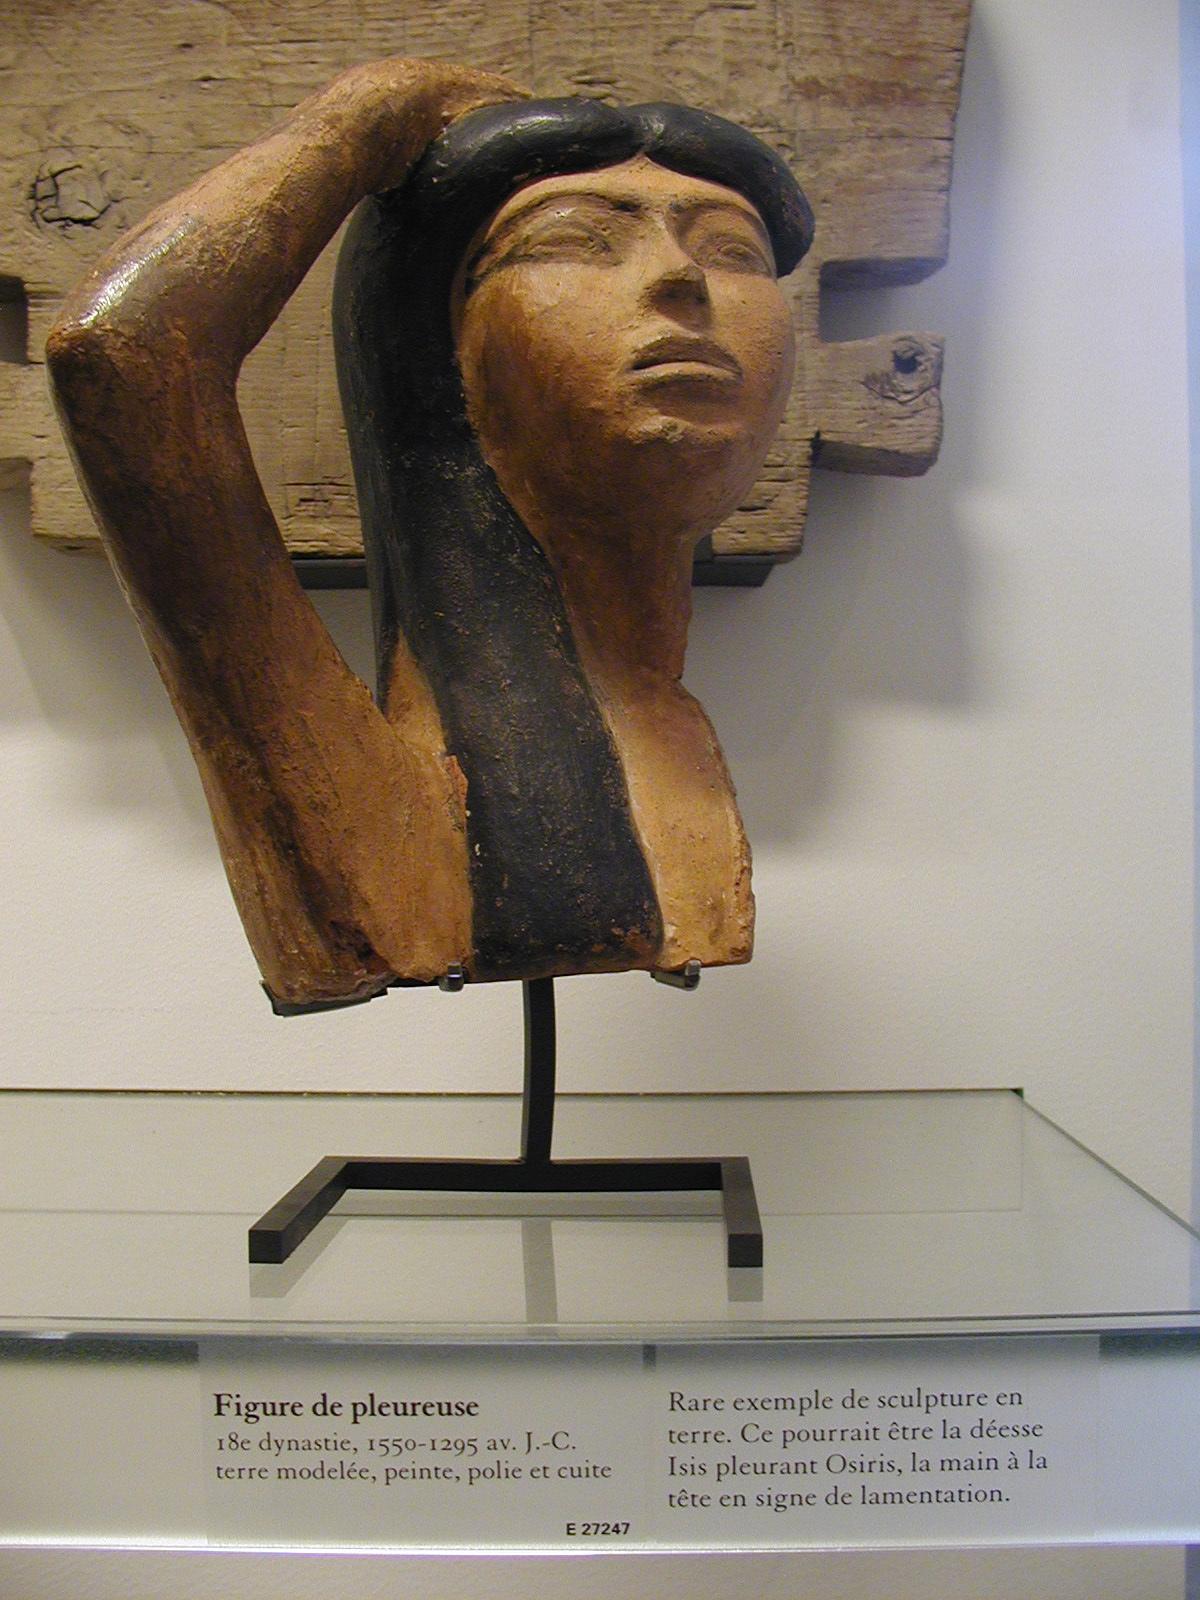 pleureuse dans l201gypte antique � wikip233dia